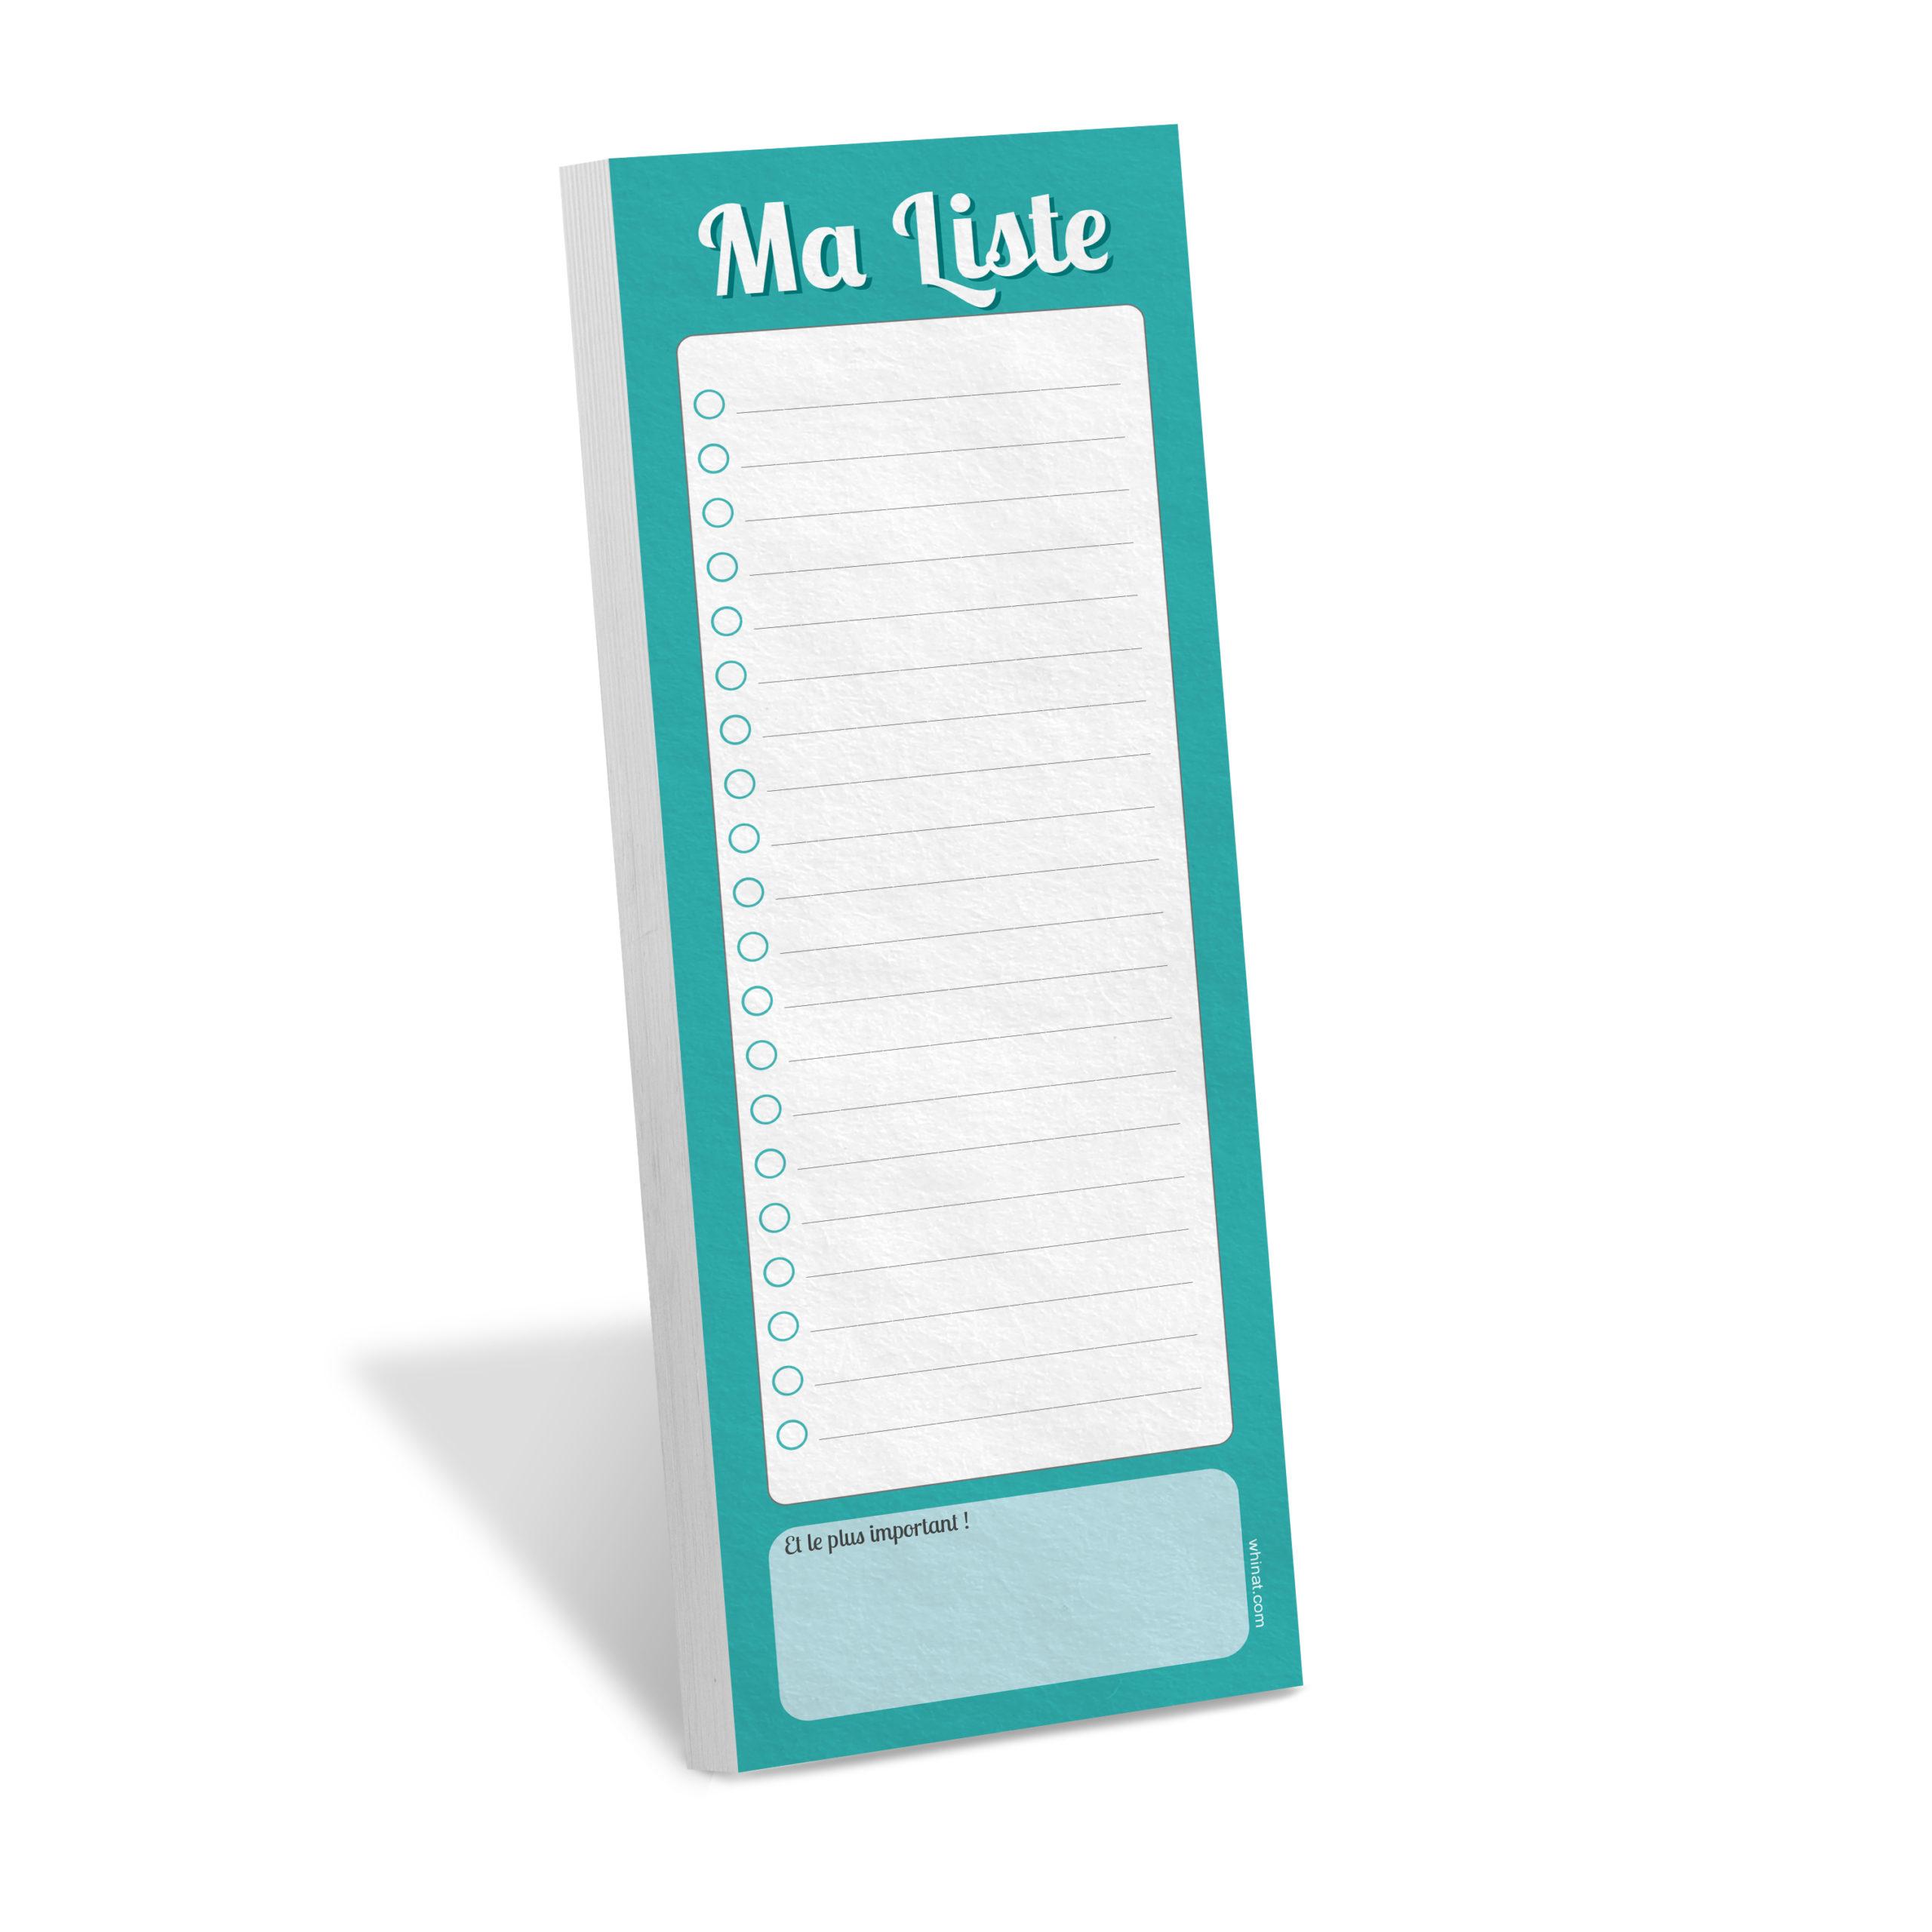 Bloc note frigo ma liste magnétique aimanté calepin liste de courses to do list todo liste